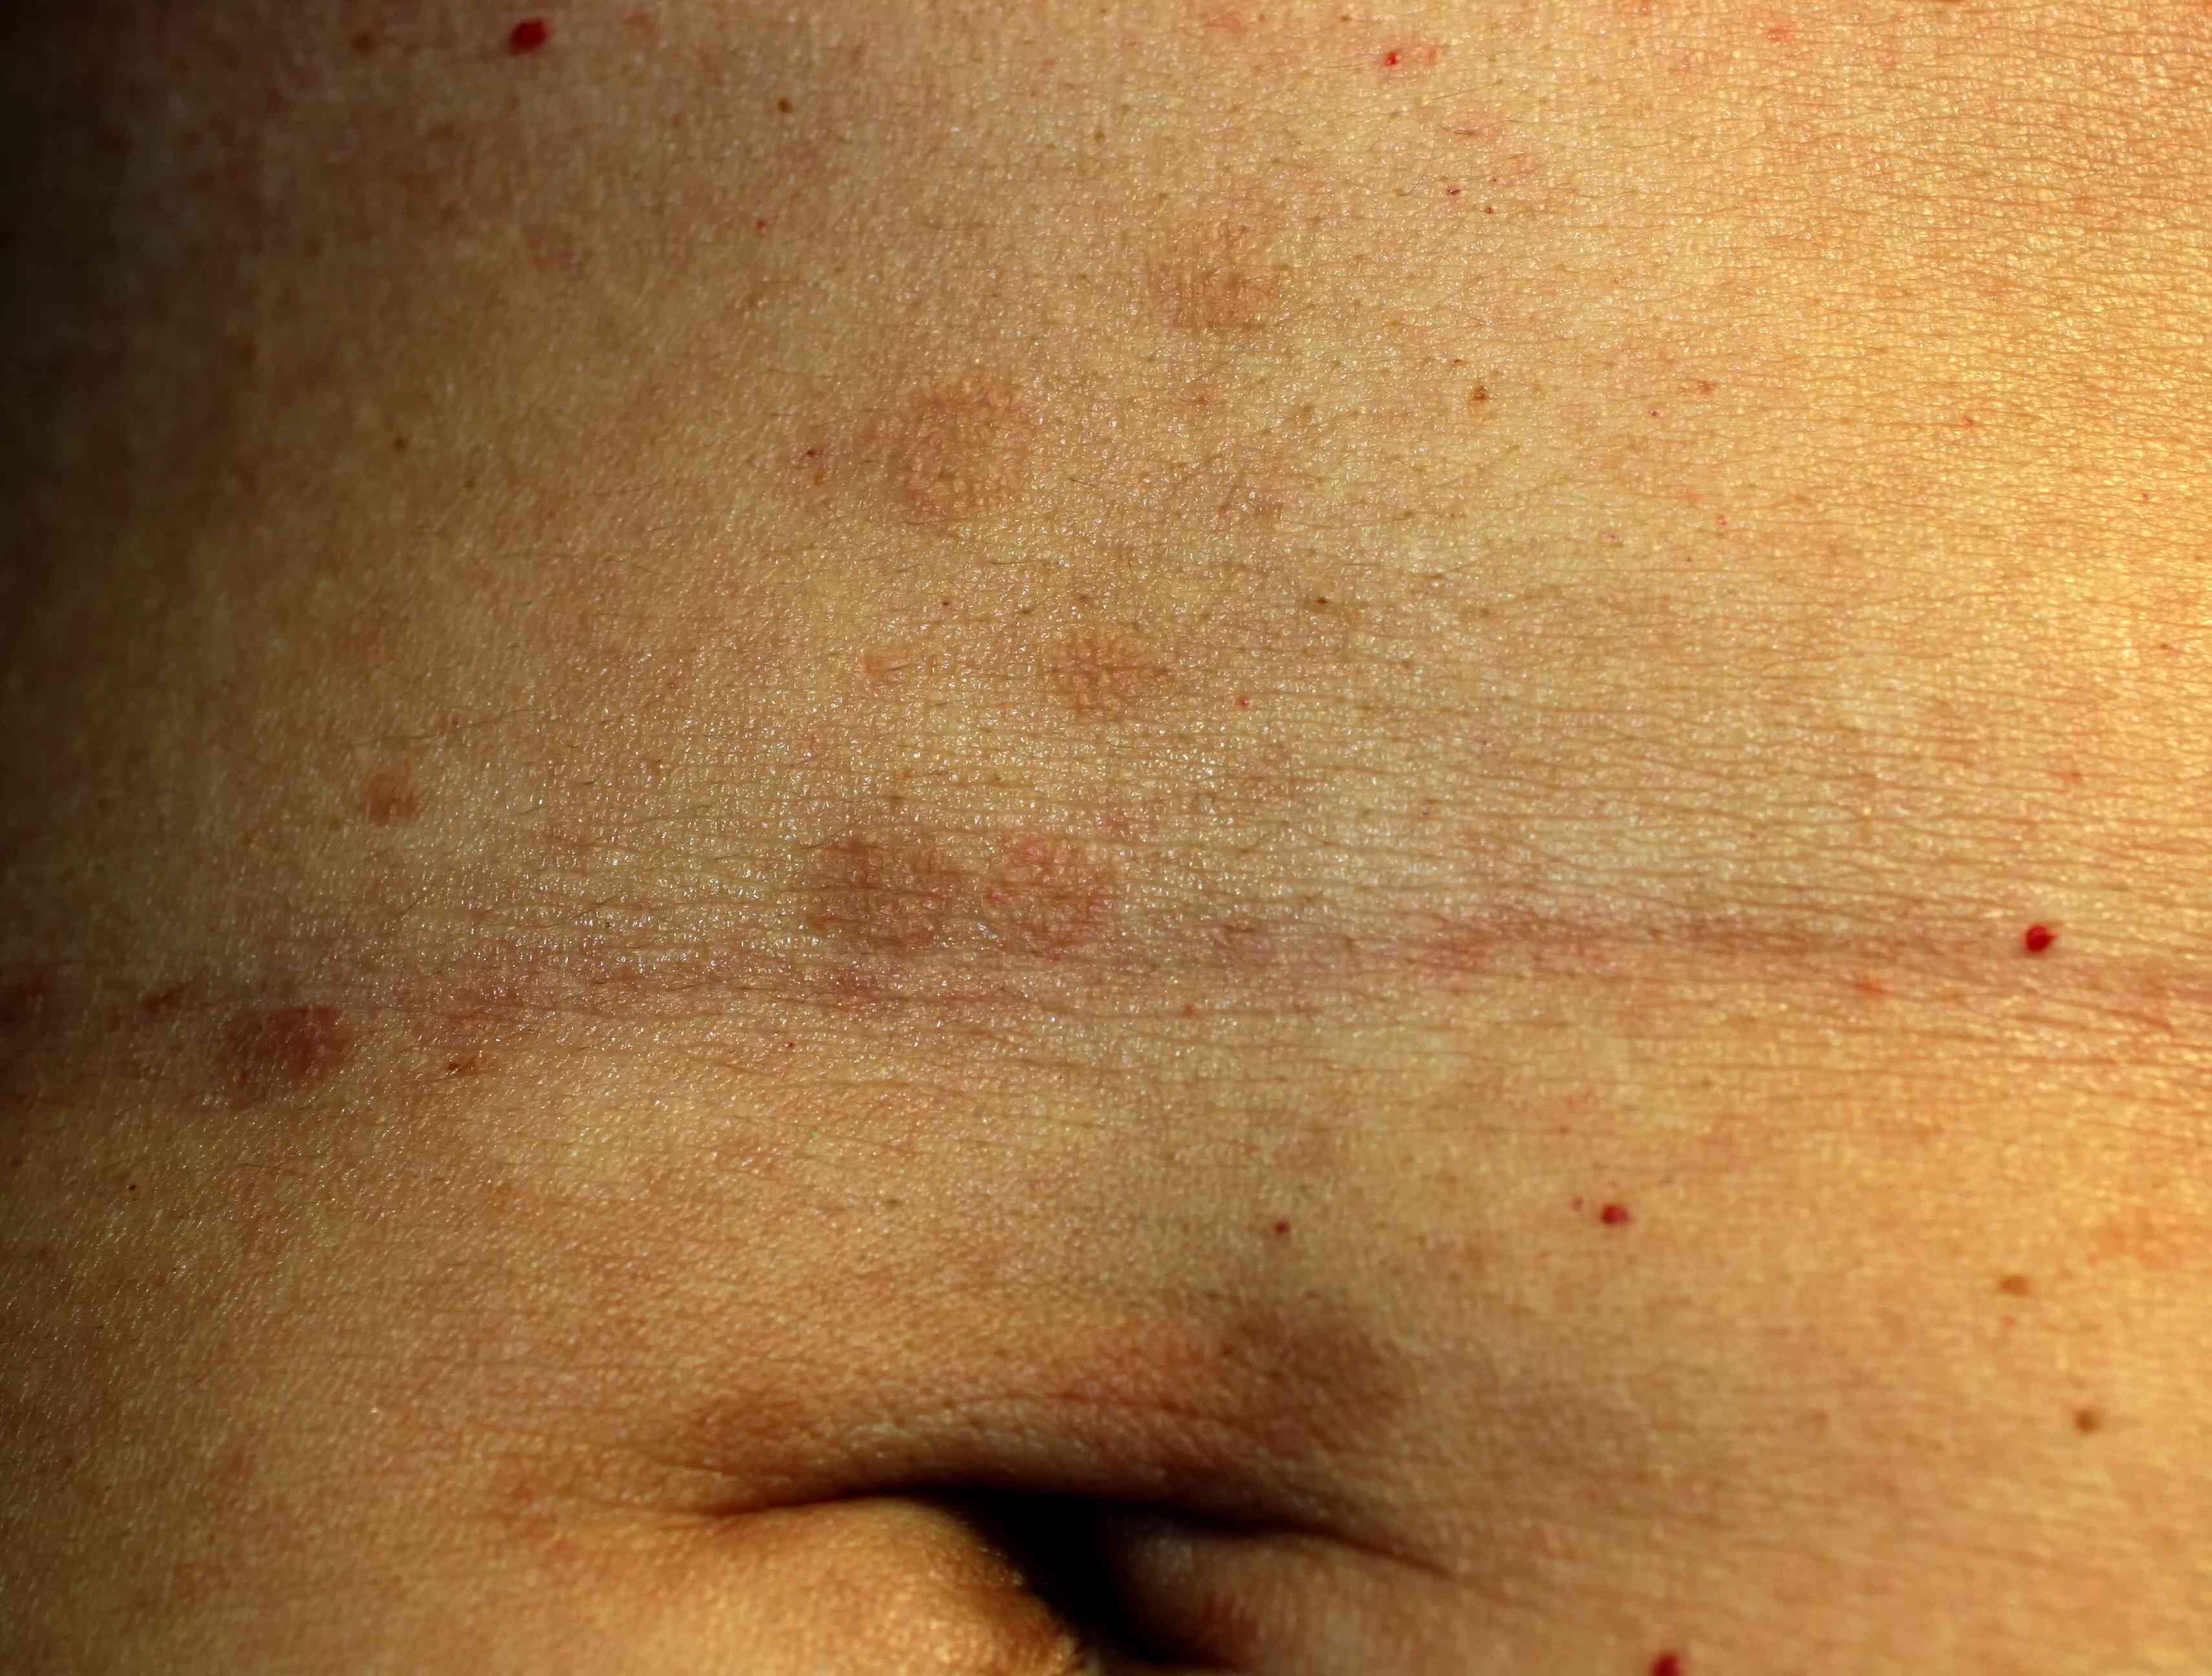 Lichen planus on the abdomen